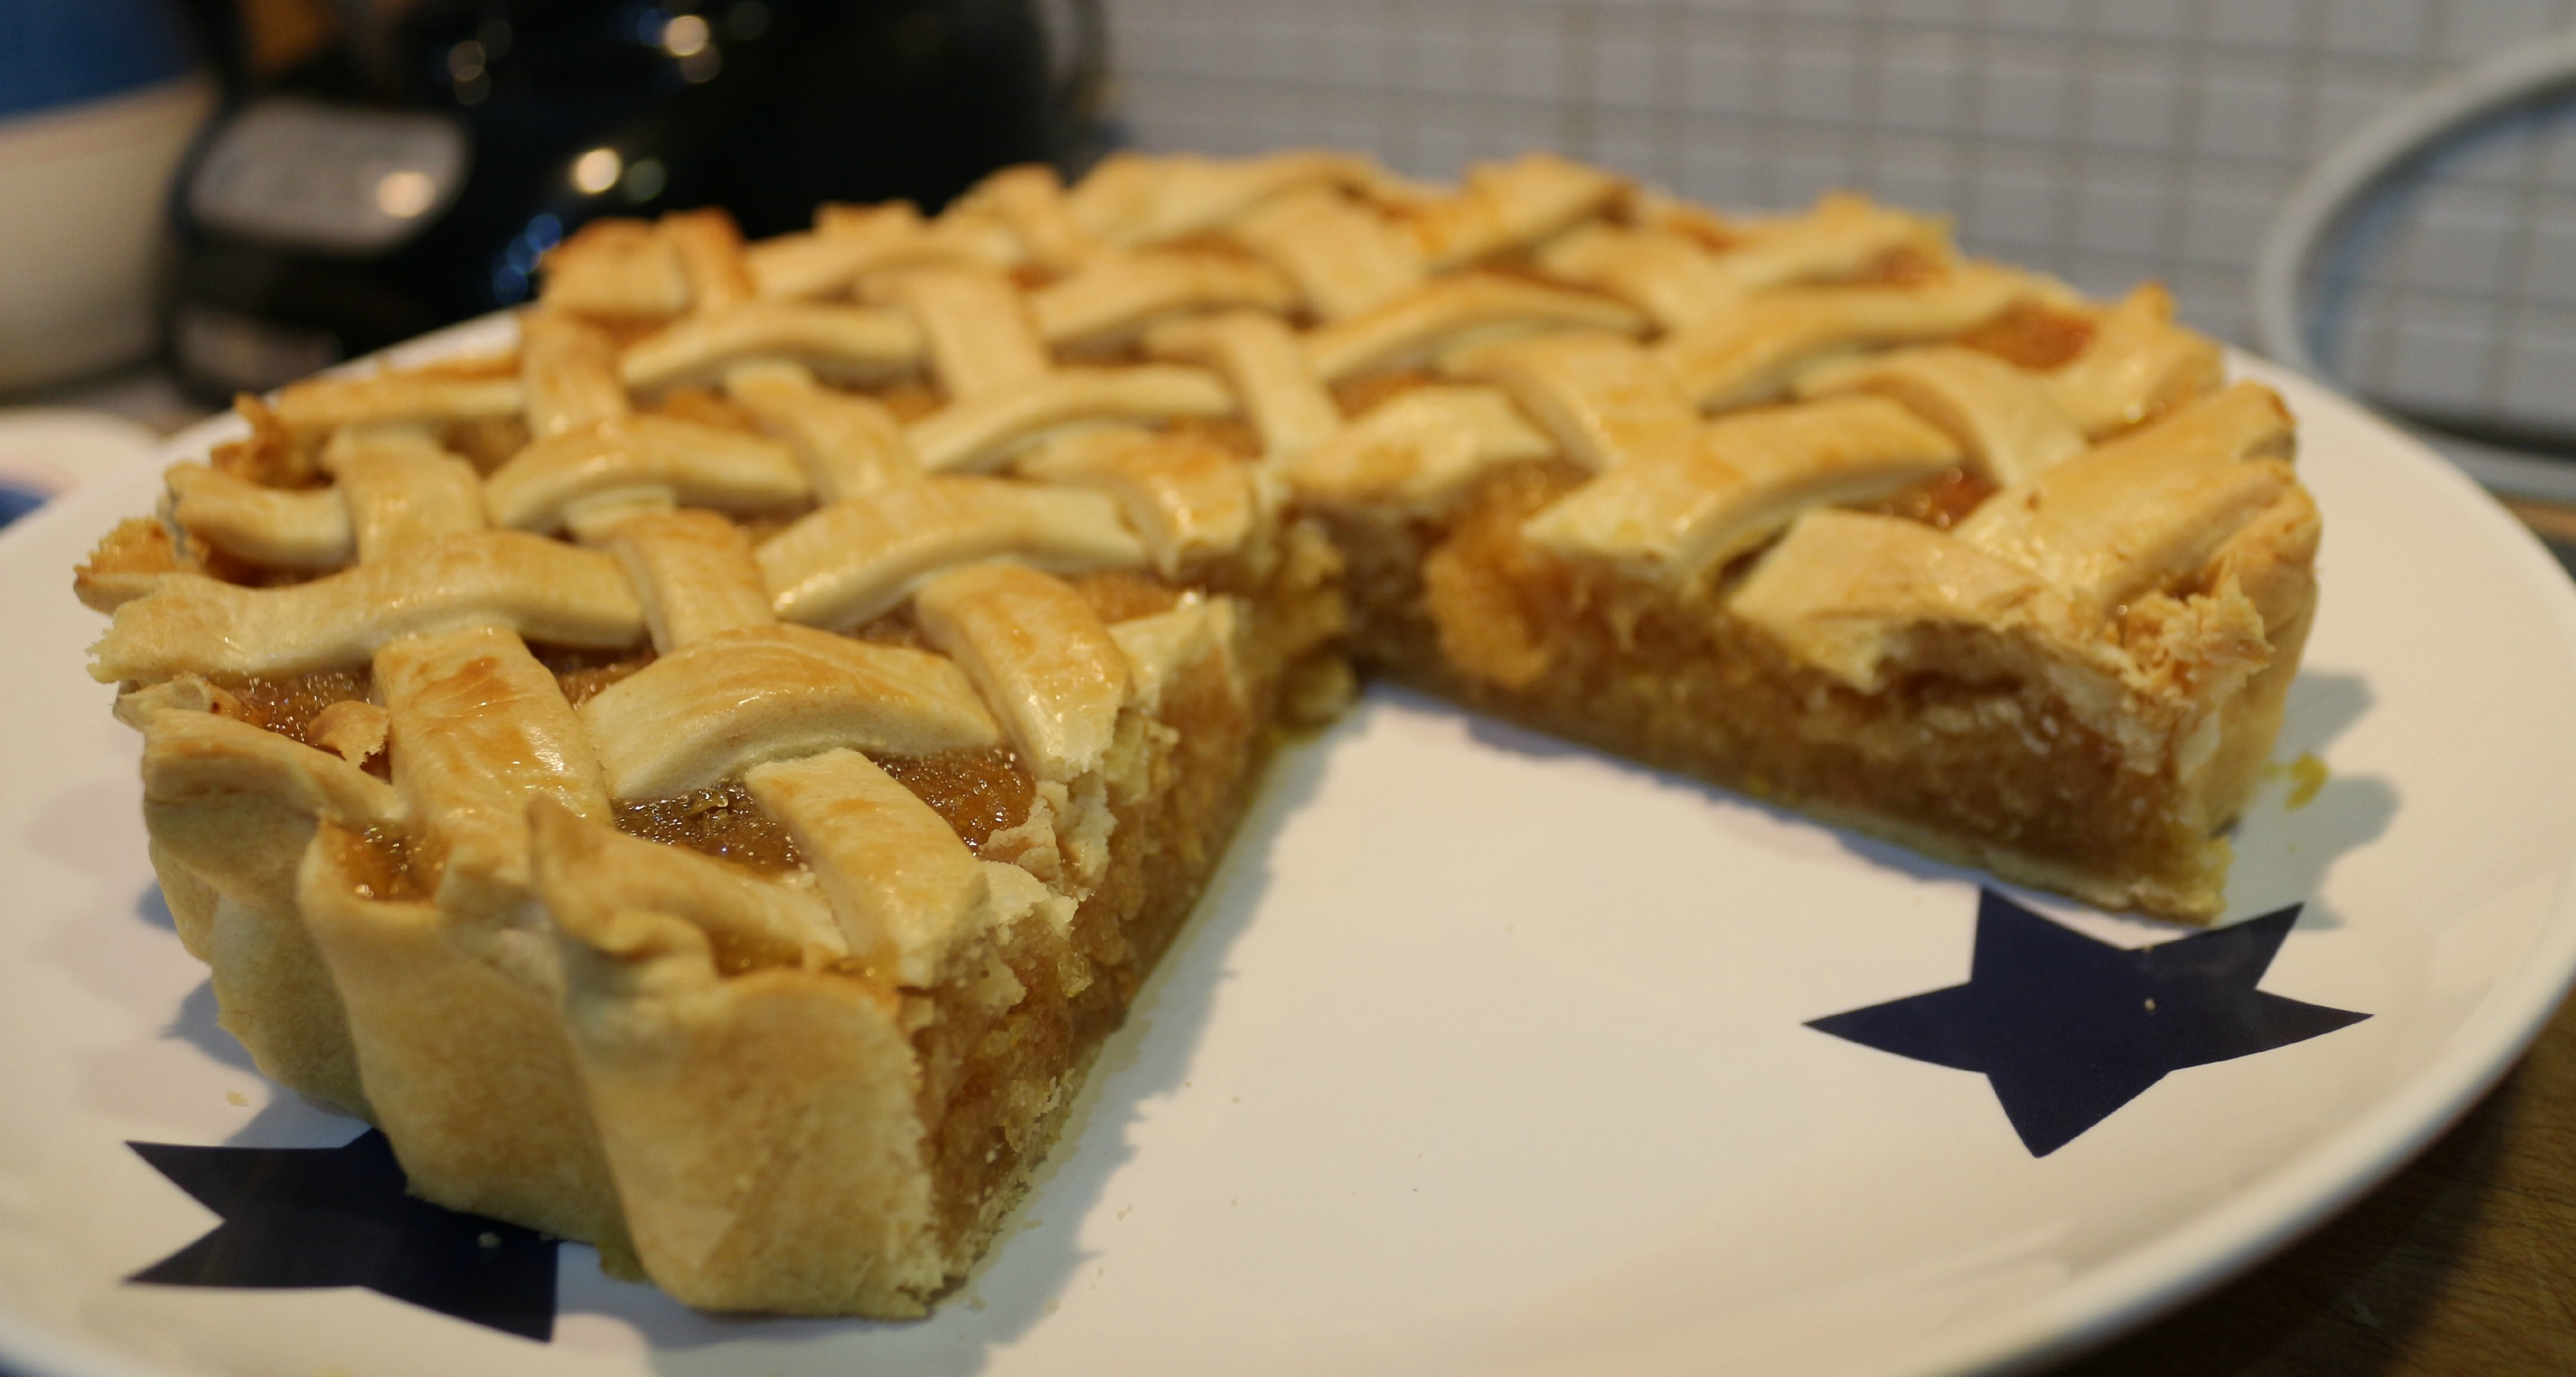 ... and treacle tart fruity flapjack lattice tart apple treacle tart